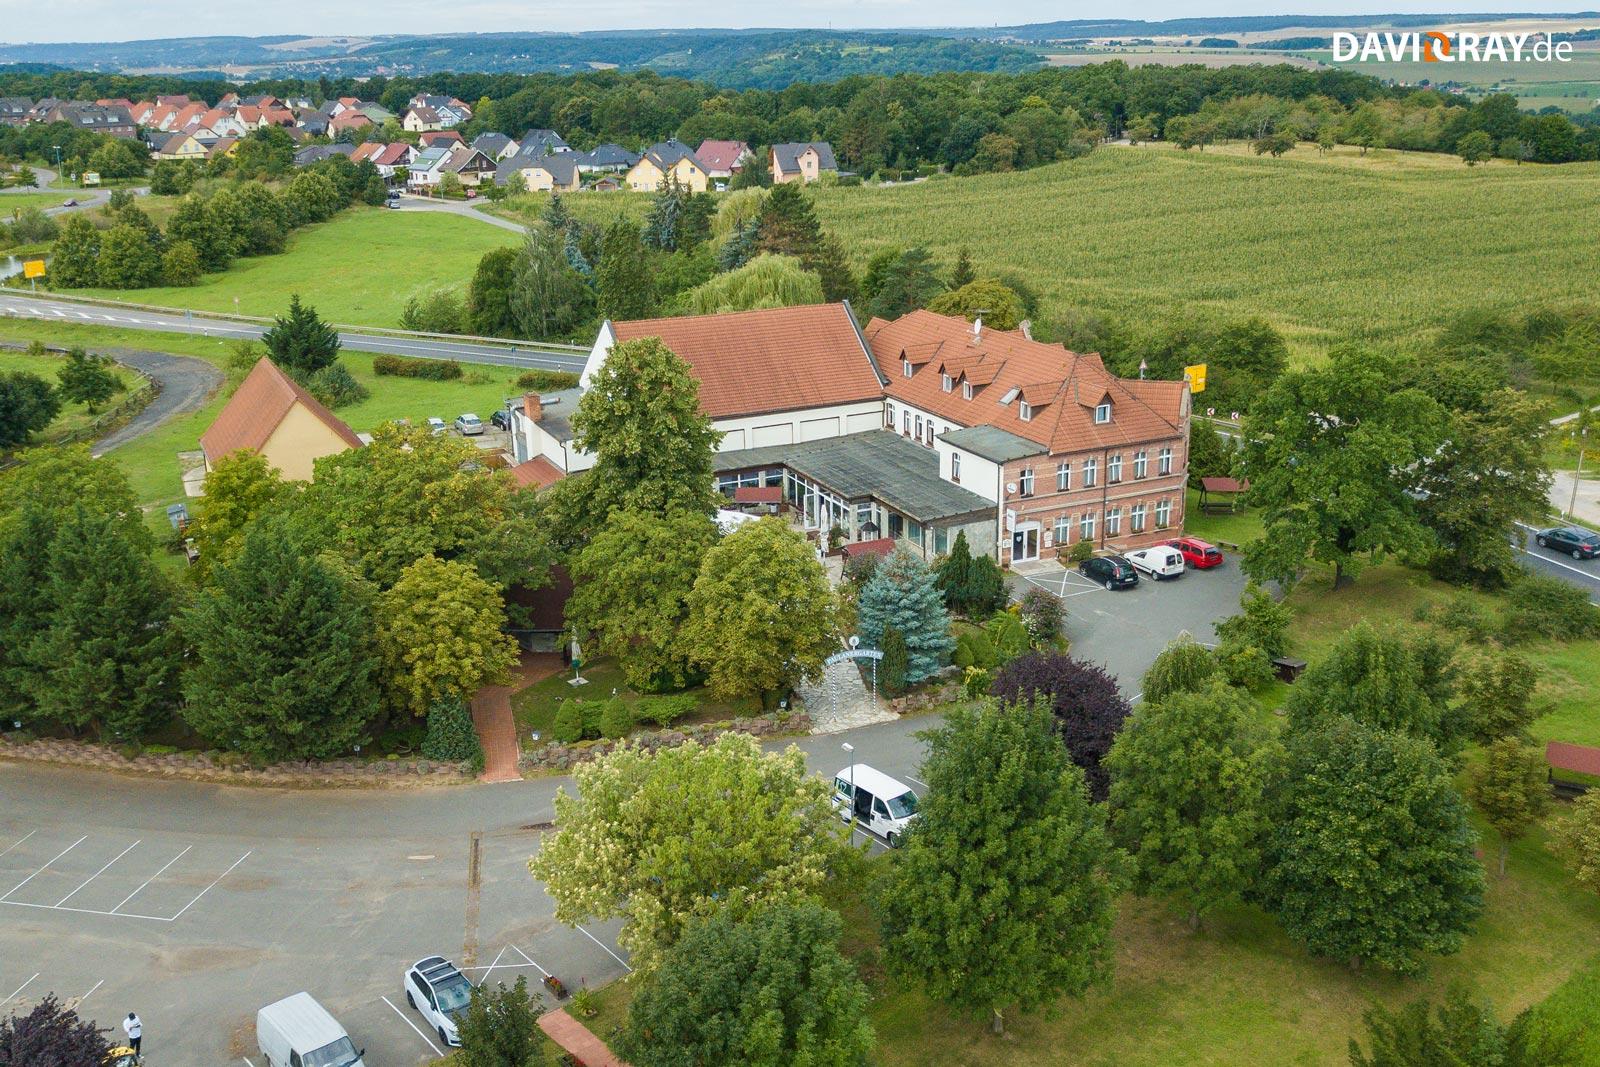 Drohnenfoto vom Hotel & Restaurant Schöne Aussicht